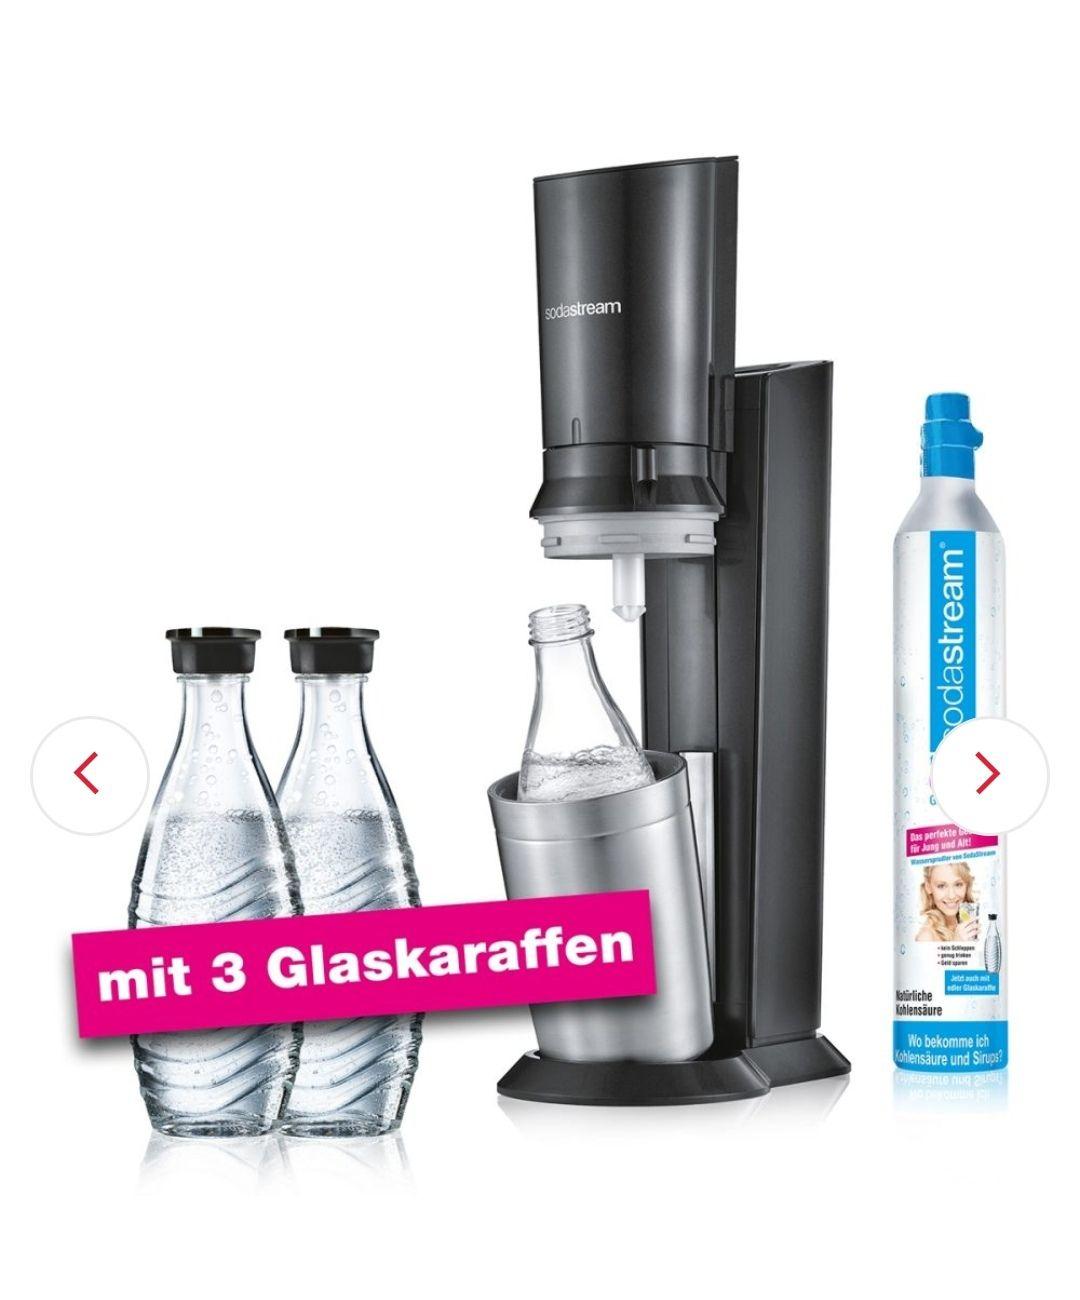 Sodastream Crystal 2.0 mit 3 Glaskaraffen inklusive um nur 95,- € (gratis Versand)